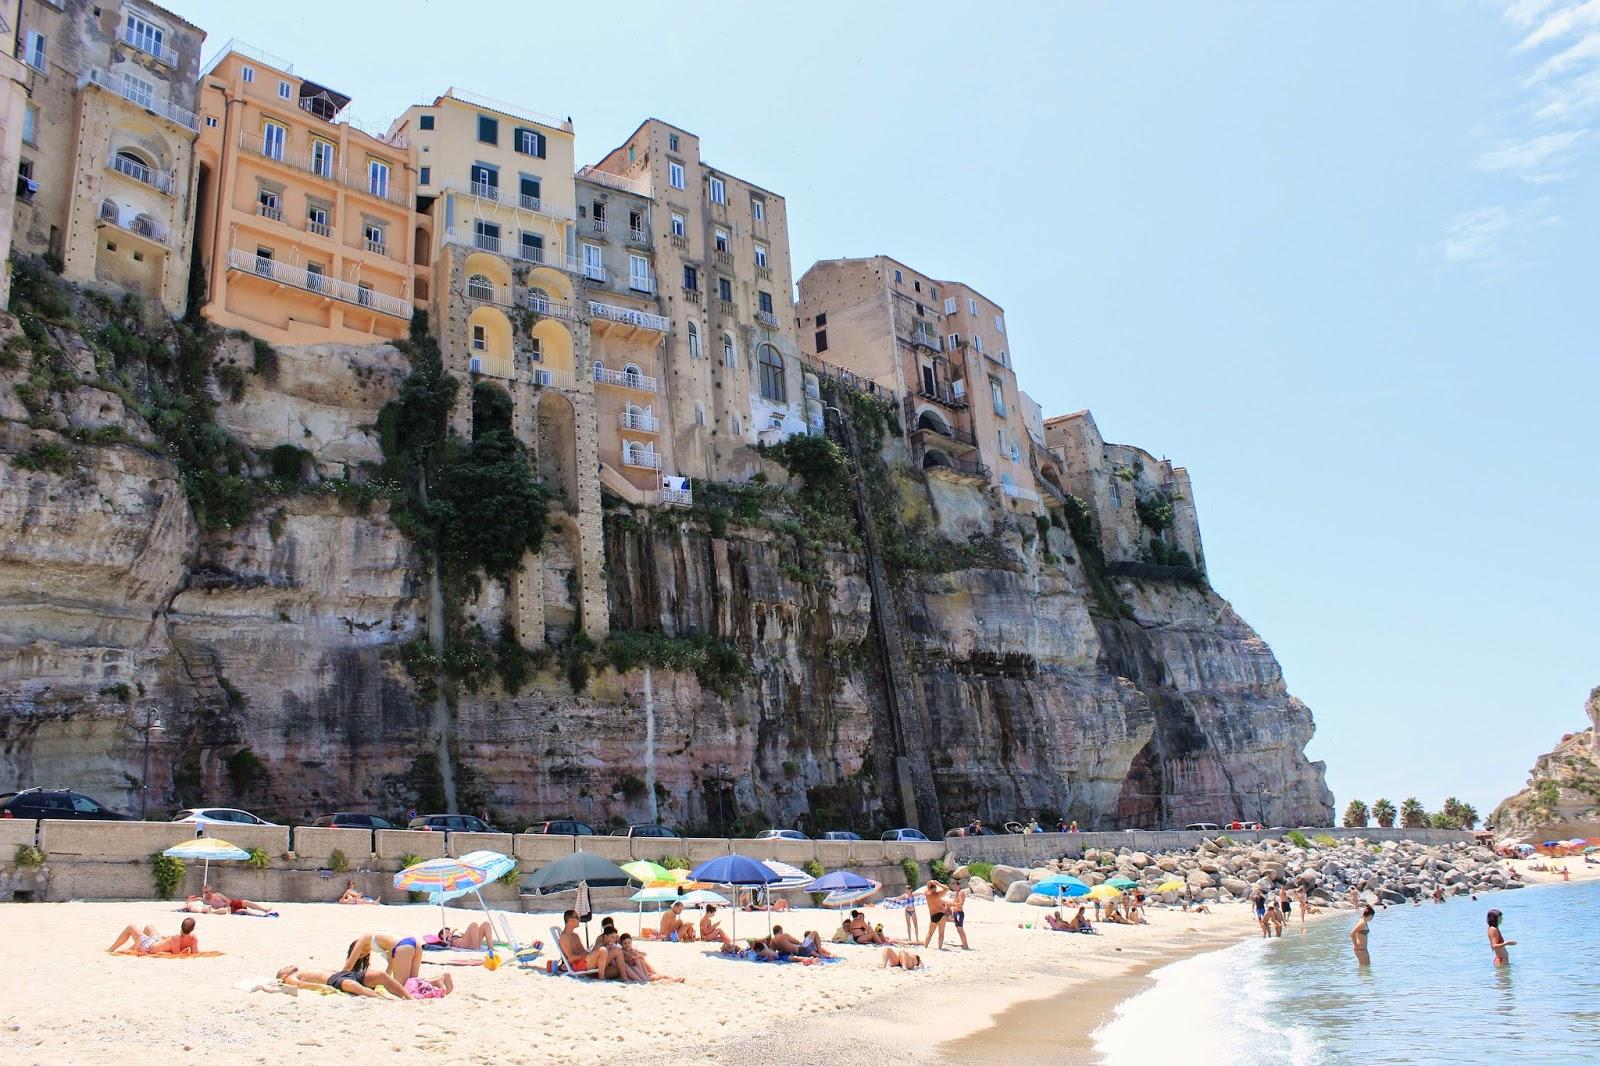 Plaża Tropea, Kalabria, Włochy